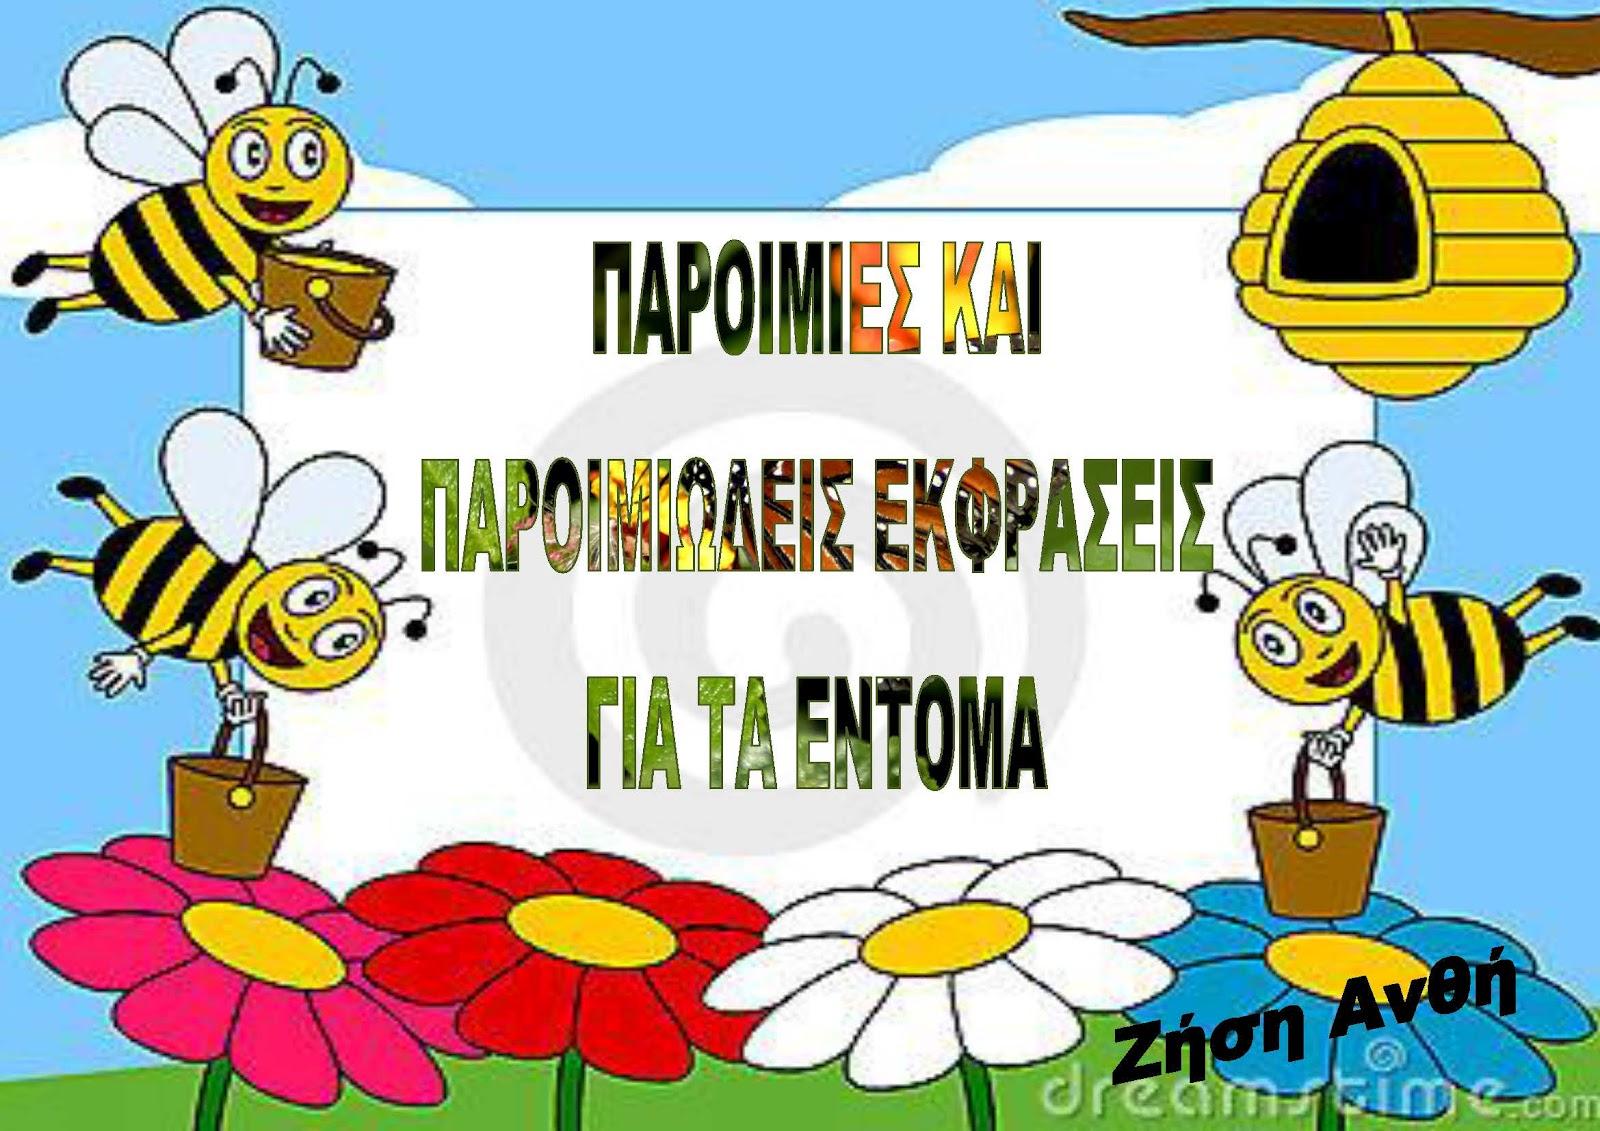 Παροιμιώδεις εκφράσεις για τα έντομα